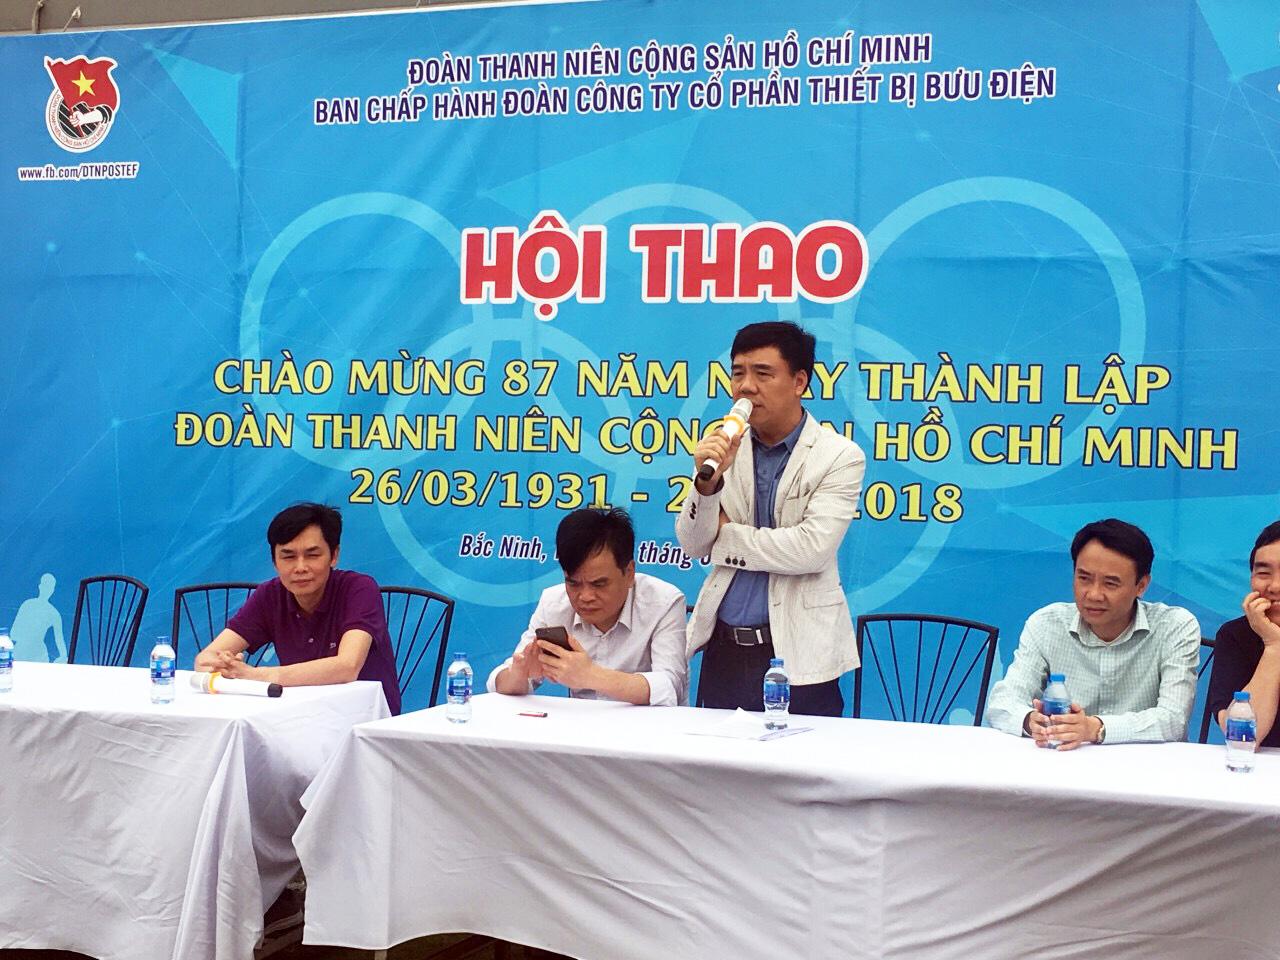 Đoàn TNCS HCM công ty cổ phần thiết bị Bưu điện tổ chức Hội thao chào mừng 87 năm ngày thành lập Đoàn TNCS HCM